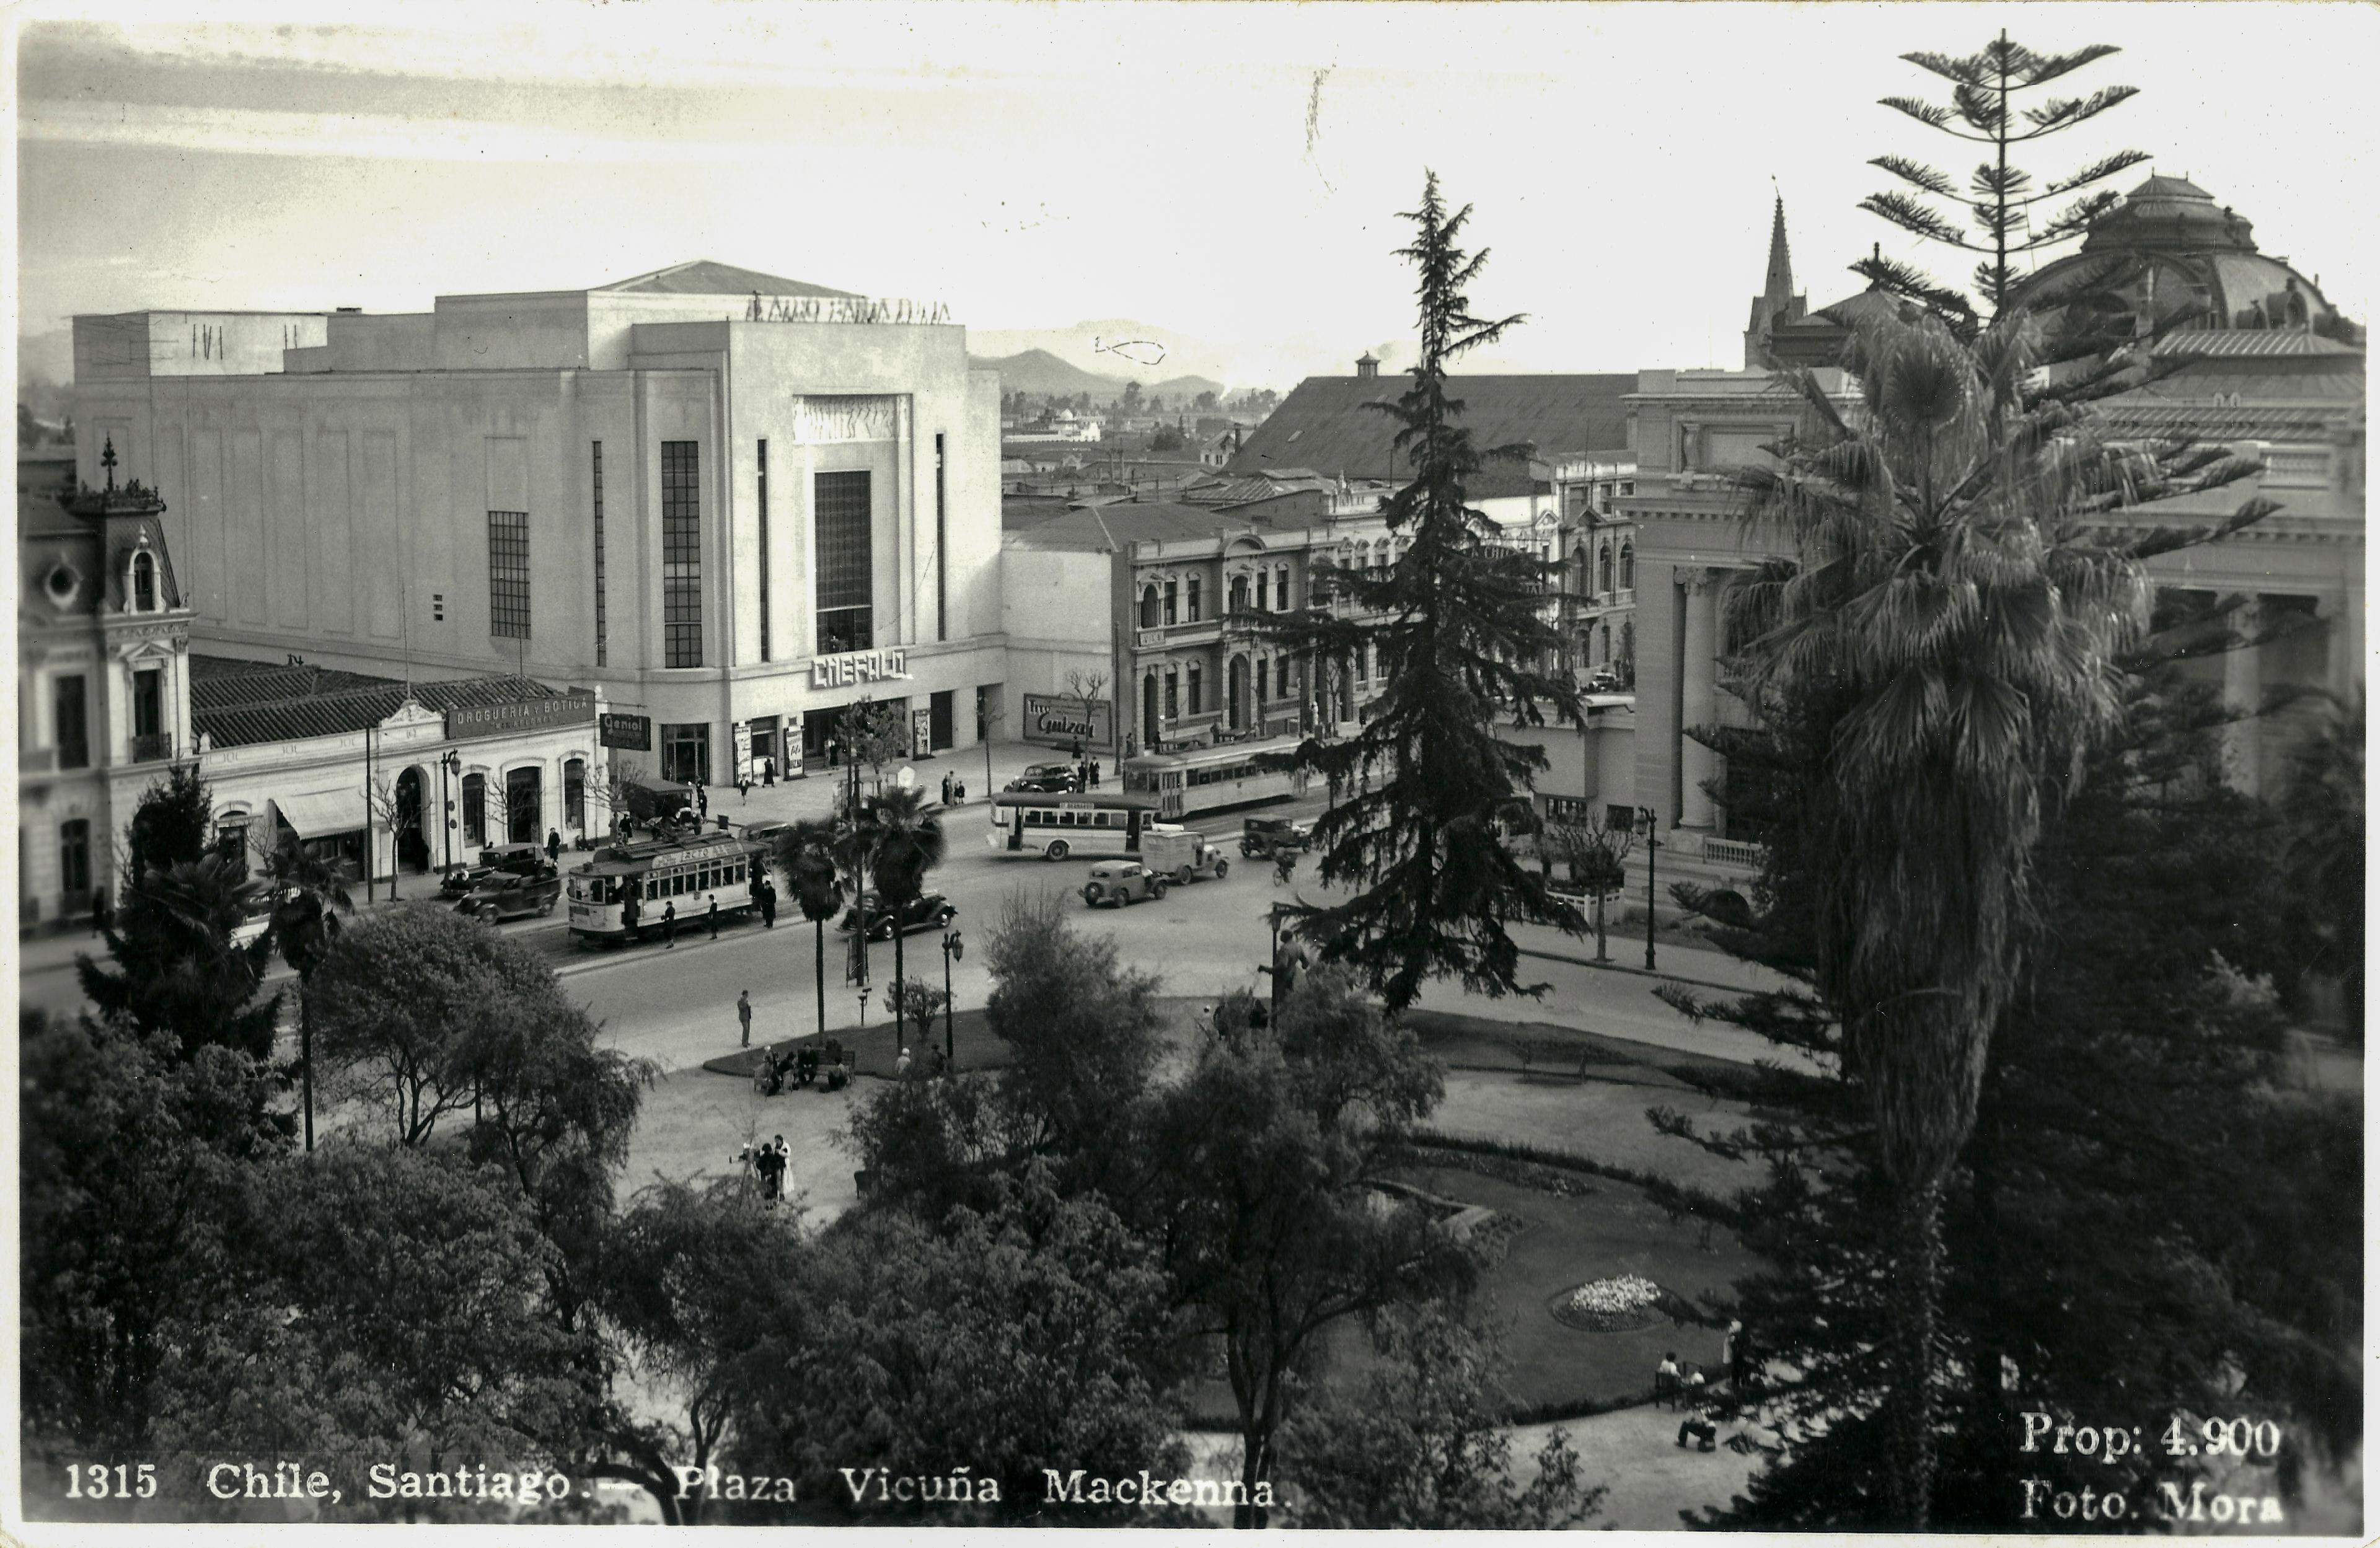 Enterreno - Fotos históricas de chile - fotos antiguas de Chile - Cinerama Santa Lucía en 1940